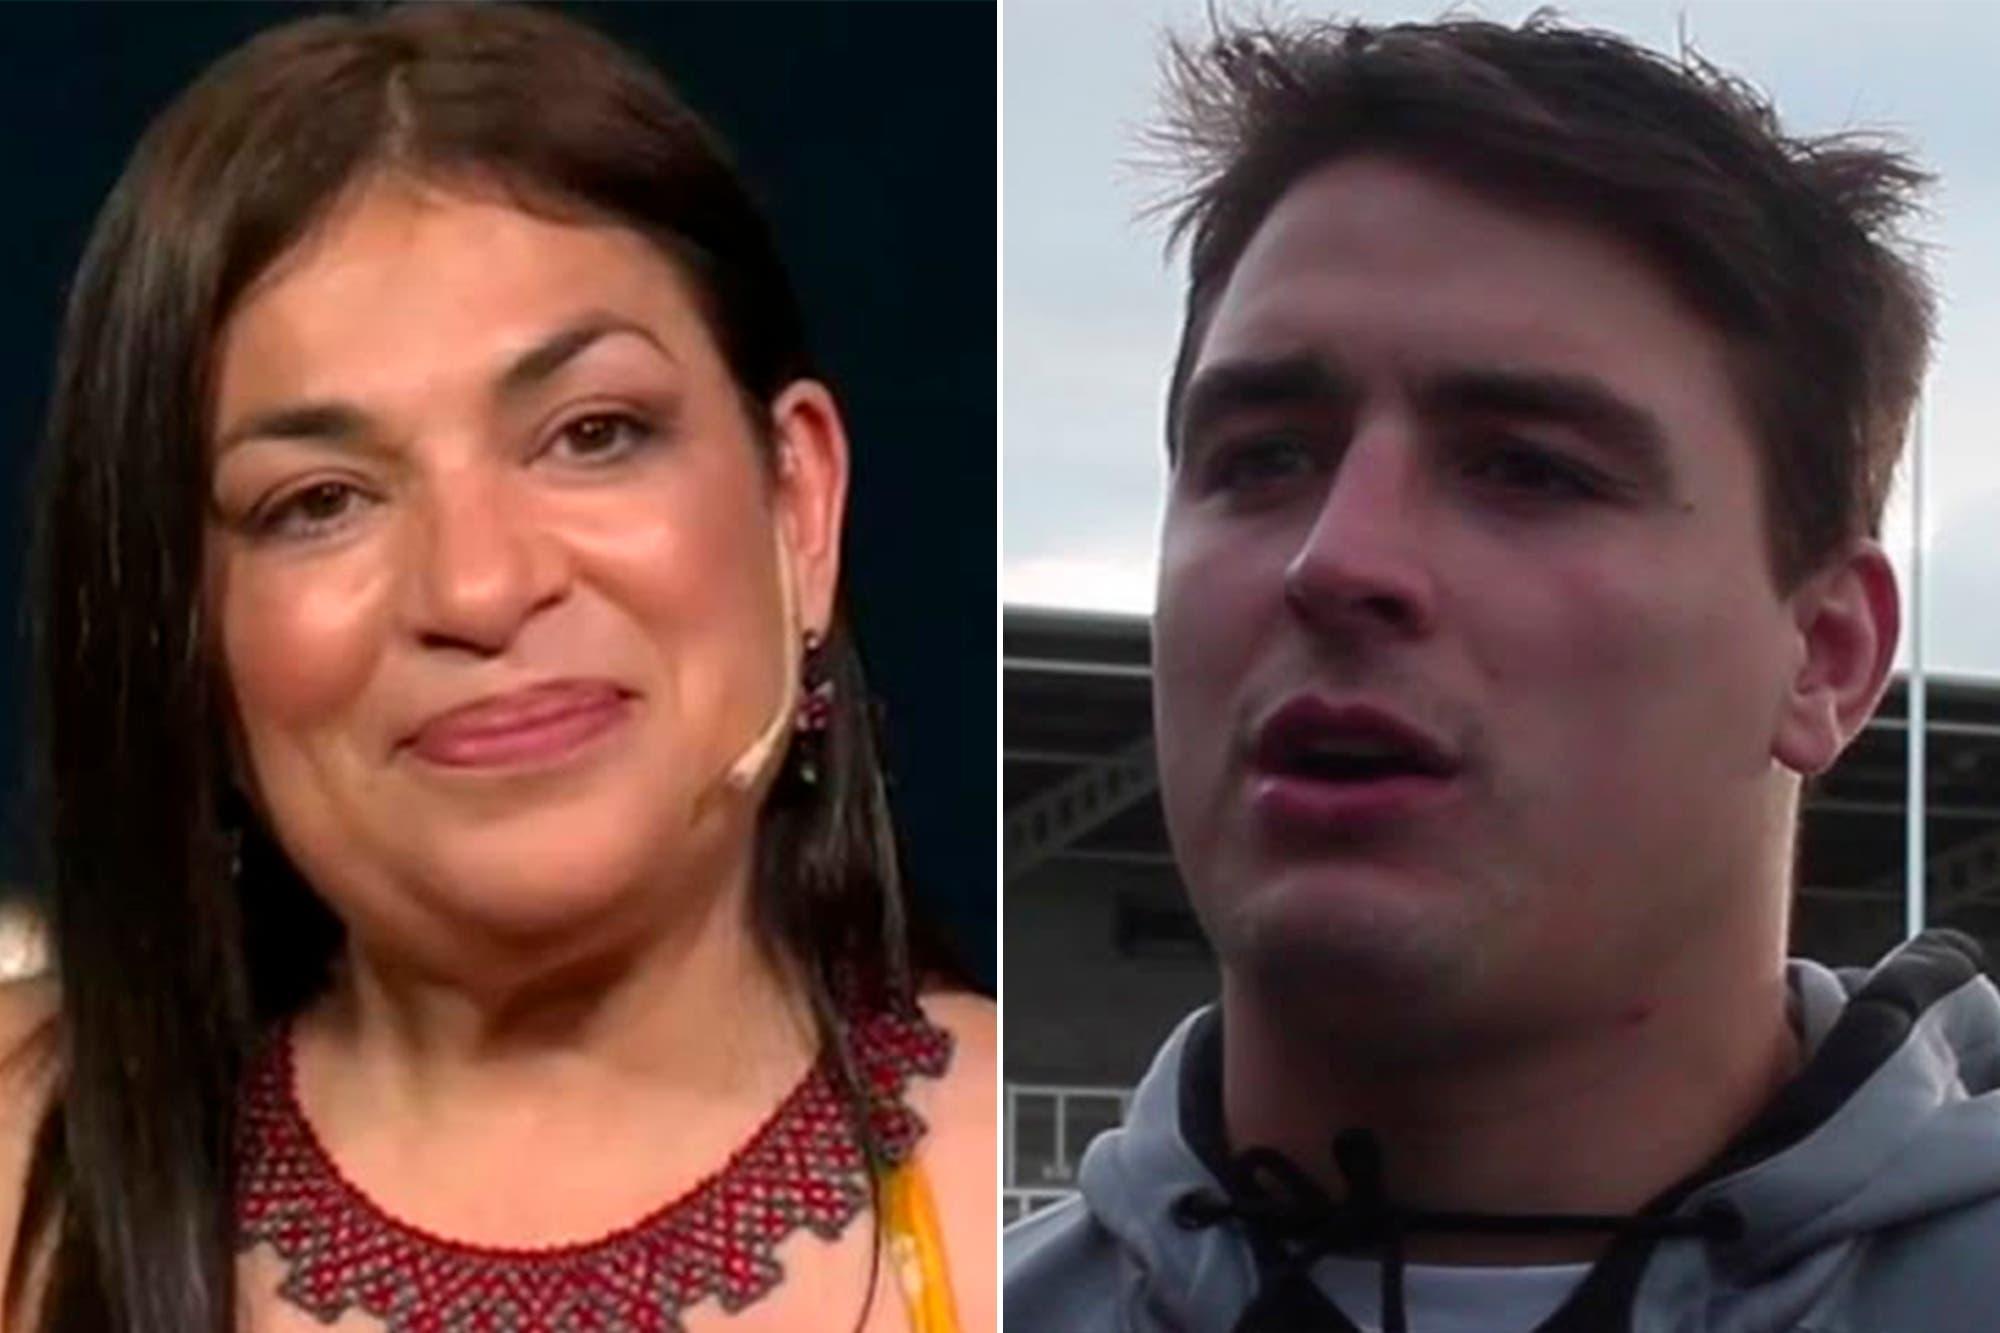 Claribel Medina reveló el mensaje que le mandó el rugbier Santiago Socino, tras la aparición de unos desagradables tuits